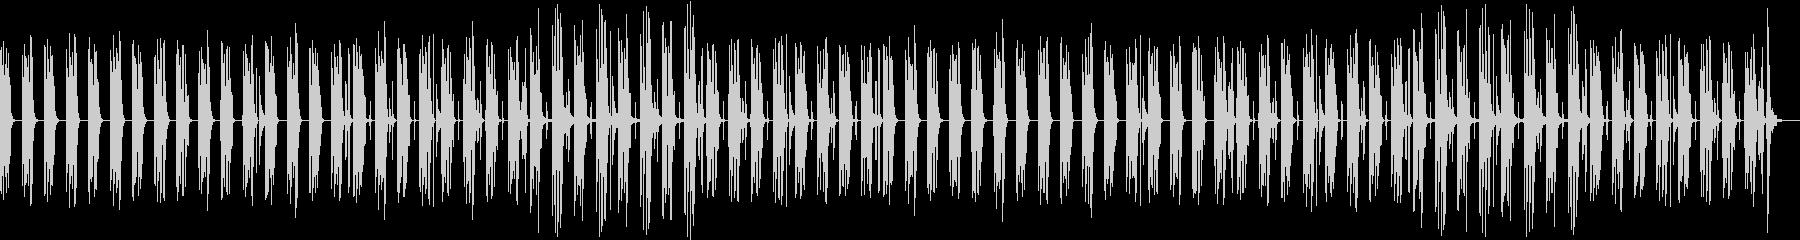 ほのぼの・日常・かわいい・リコーダーの未再生の波形